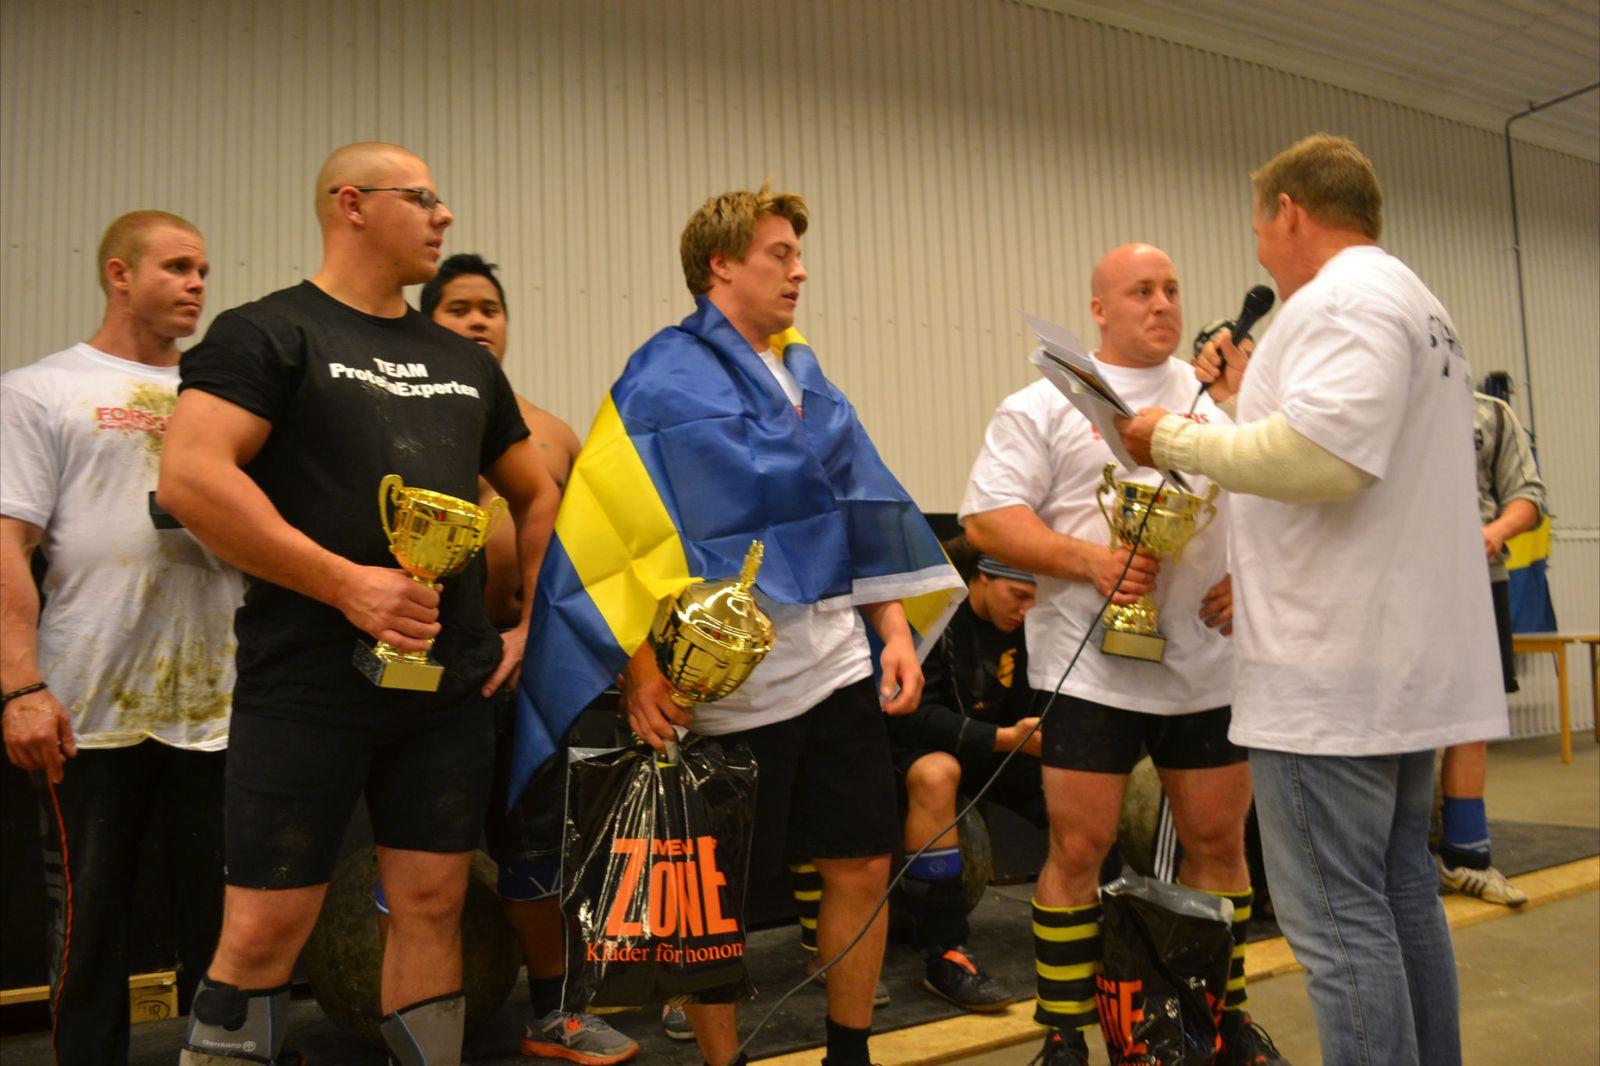 Sveriges starkaste man -105kg Final, Arvidsjaur 2012